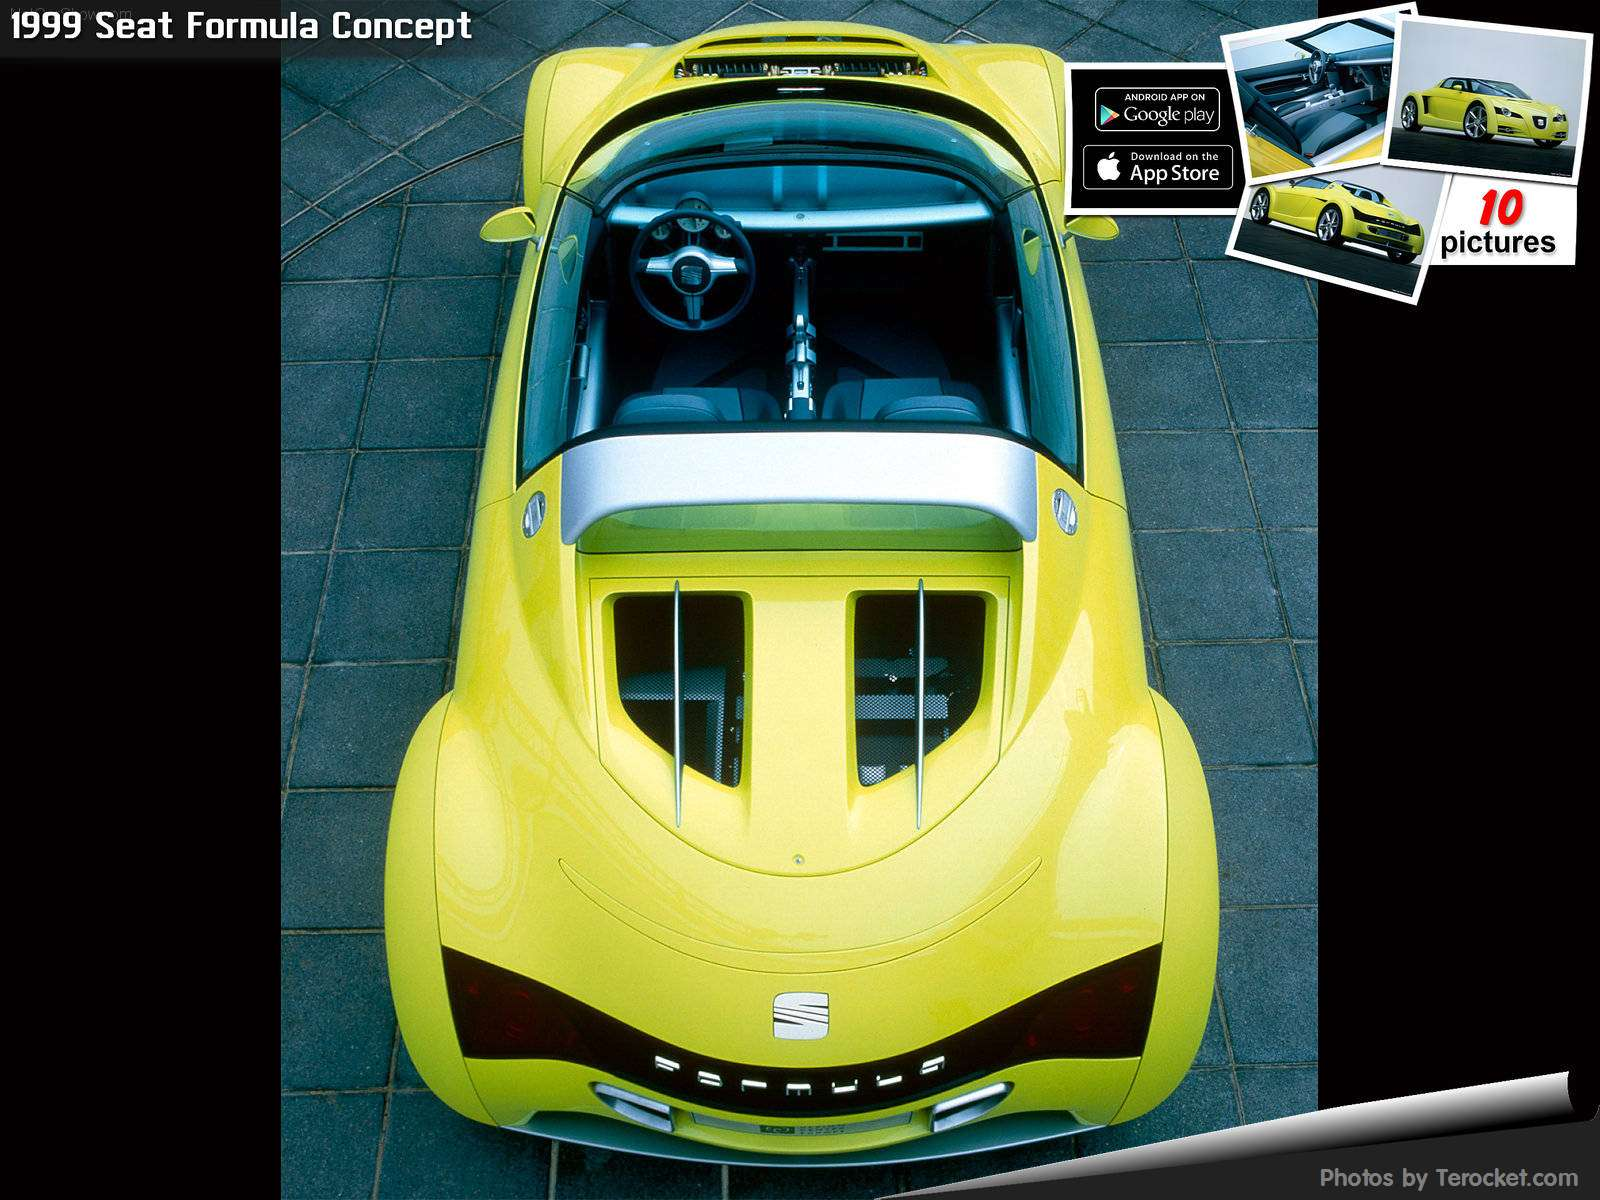 Hình ảnh xe ô tô Seat Formula Concept 1999 & nội ngoại thất